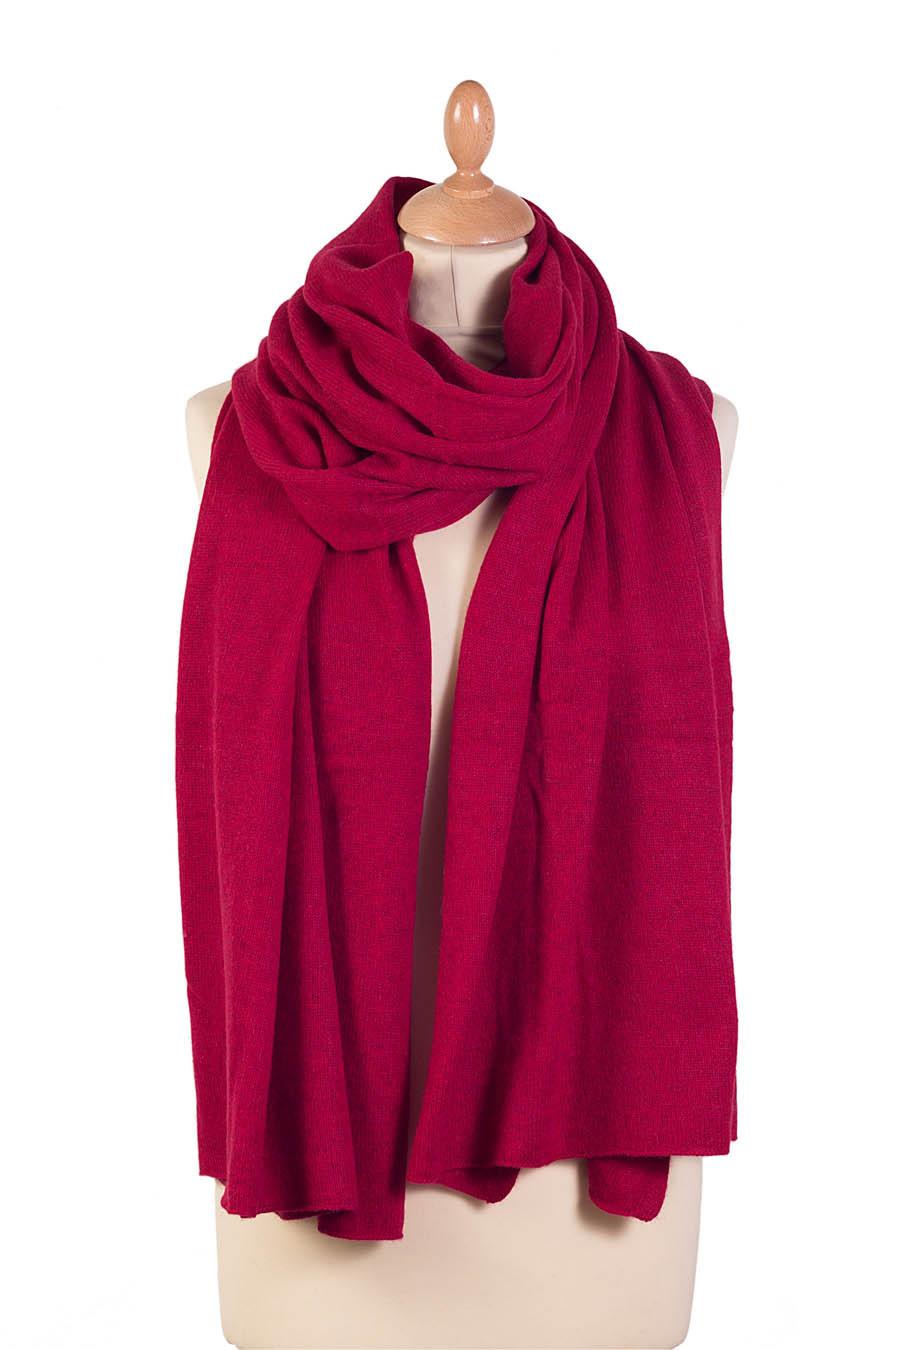 Étole cachemire TANGO Rouge rubis